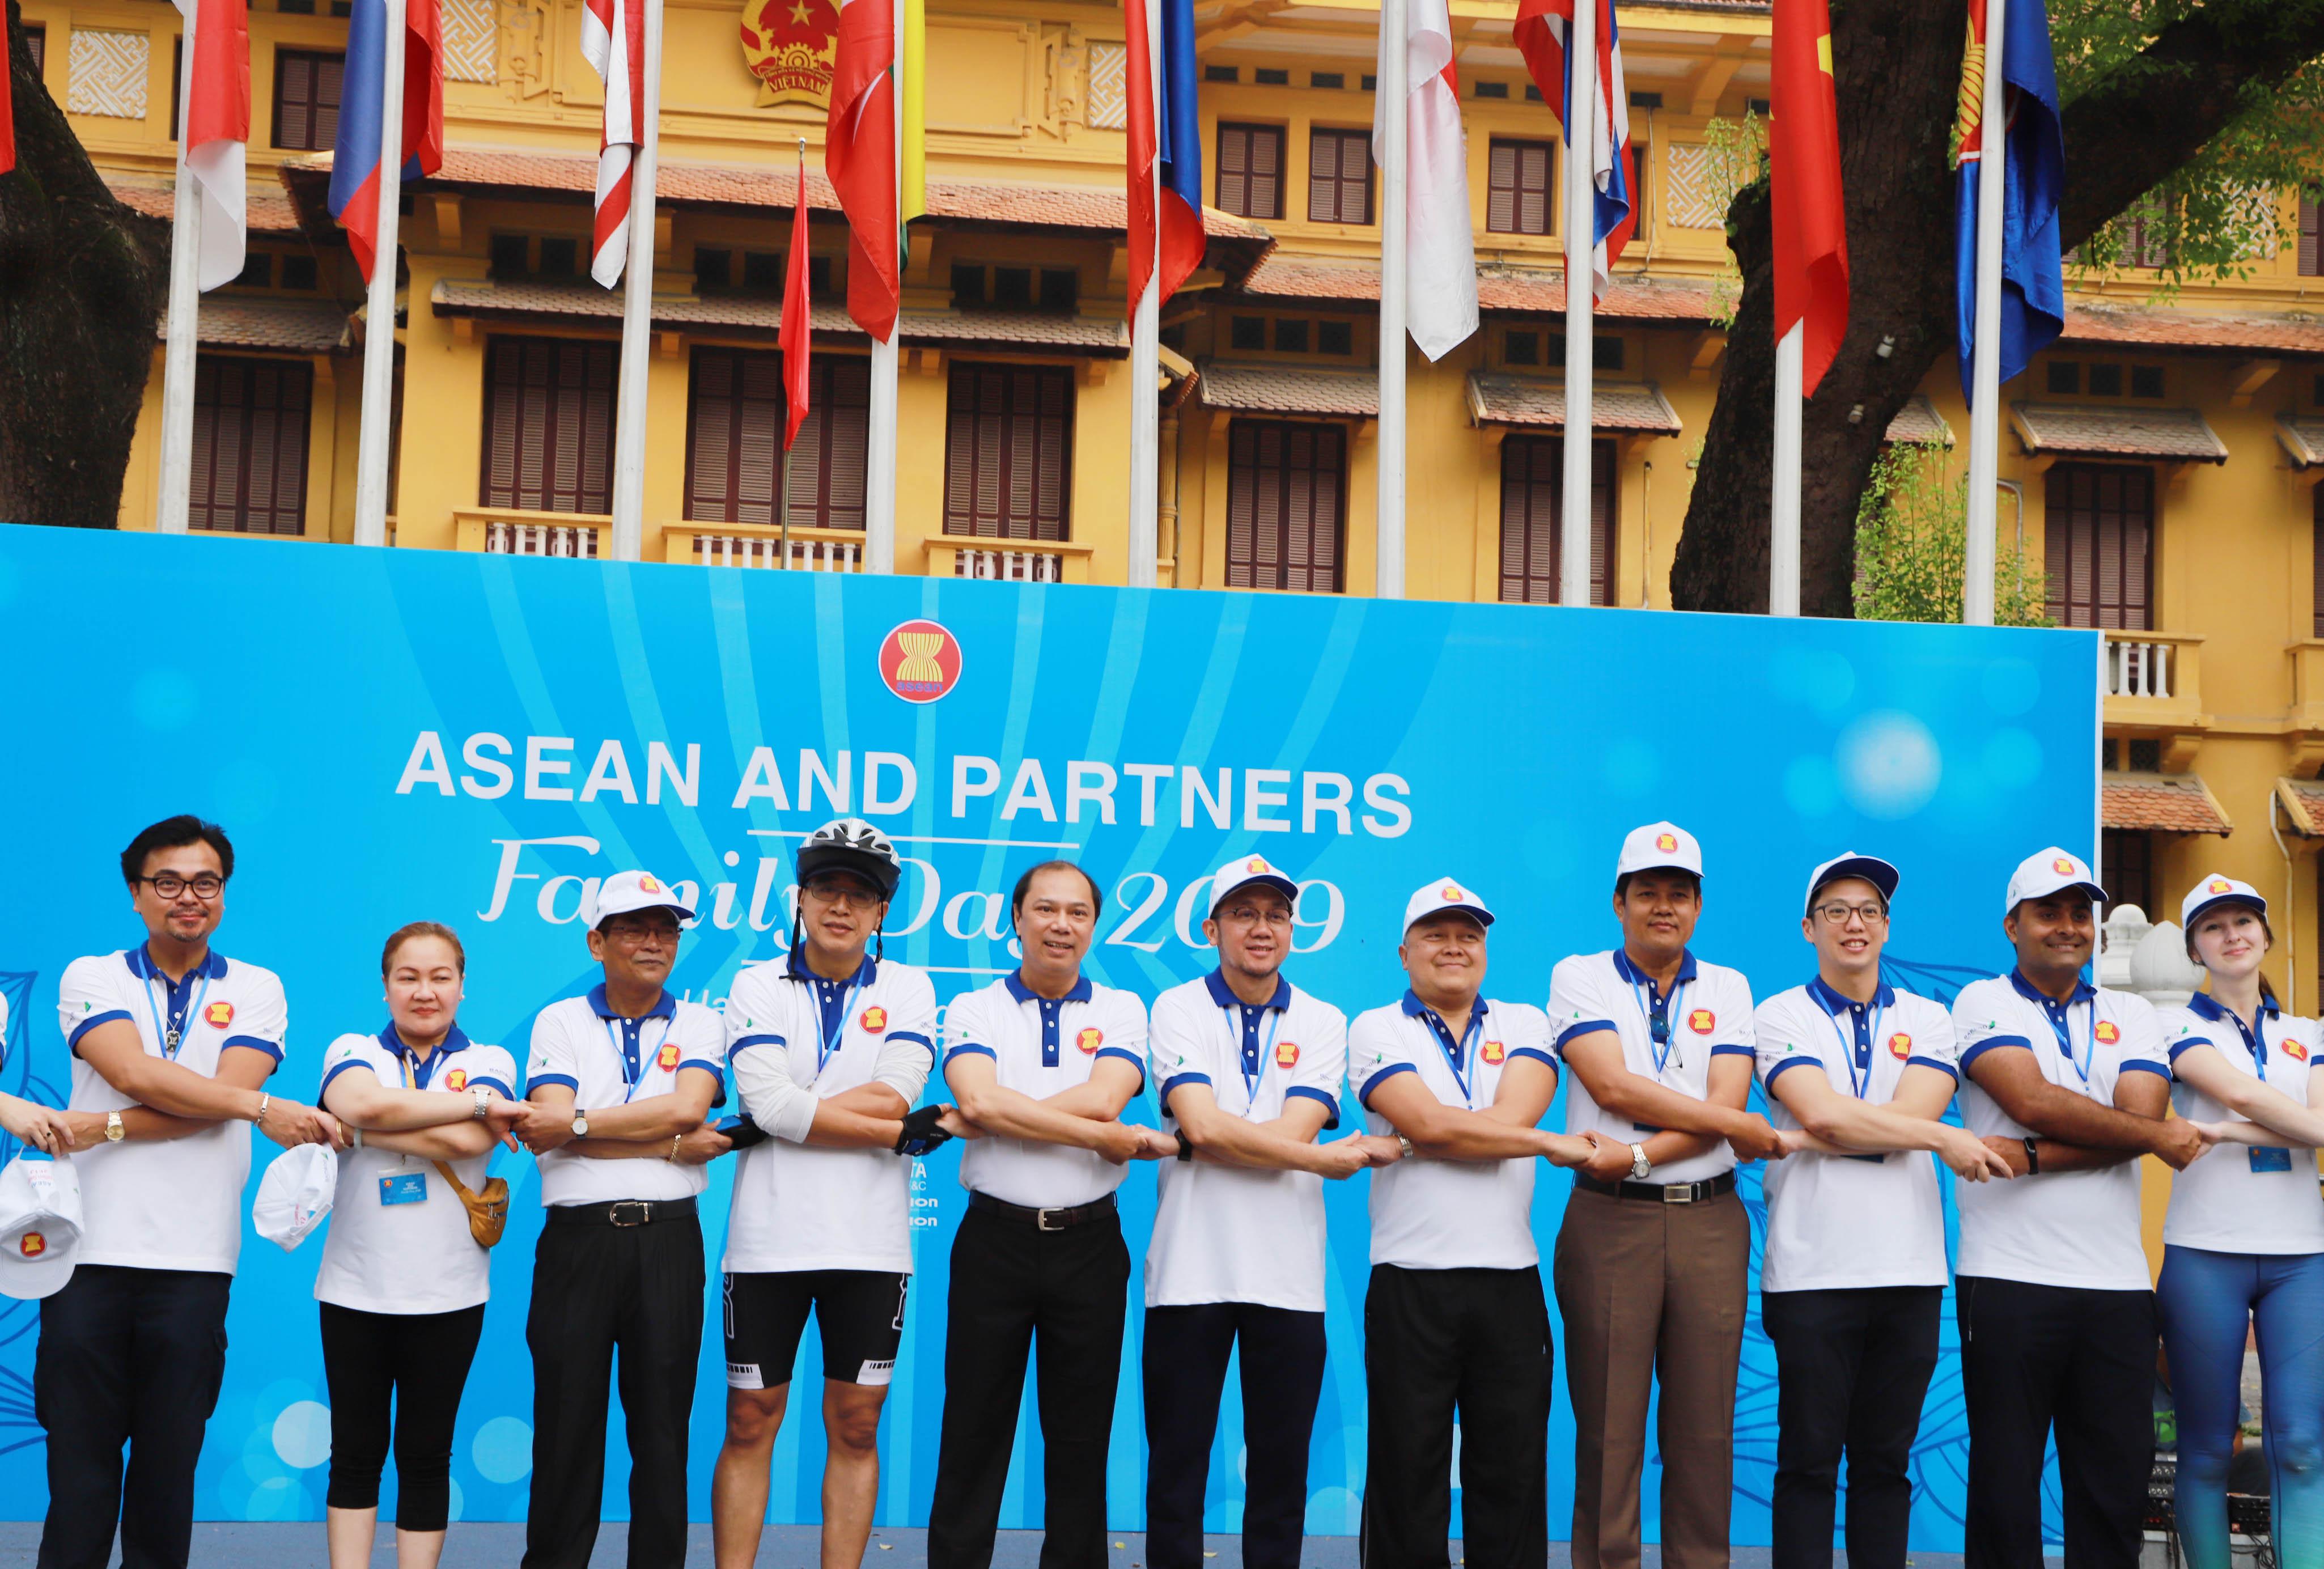 Ngày 18/8, tại Hà Nội đã diễn ra nhiều hoạt động sôi nổi trong khuôn khổ Ngày Gia đình ASEAN 2019. Đây là sự kiện do Bộ Ngoại giao và Nhóm Phụ nữ Cộng đồng ASEAN tại Hà Nội (AWCH) phối hợp tổ chức.